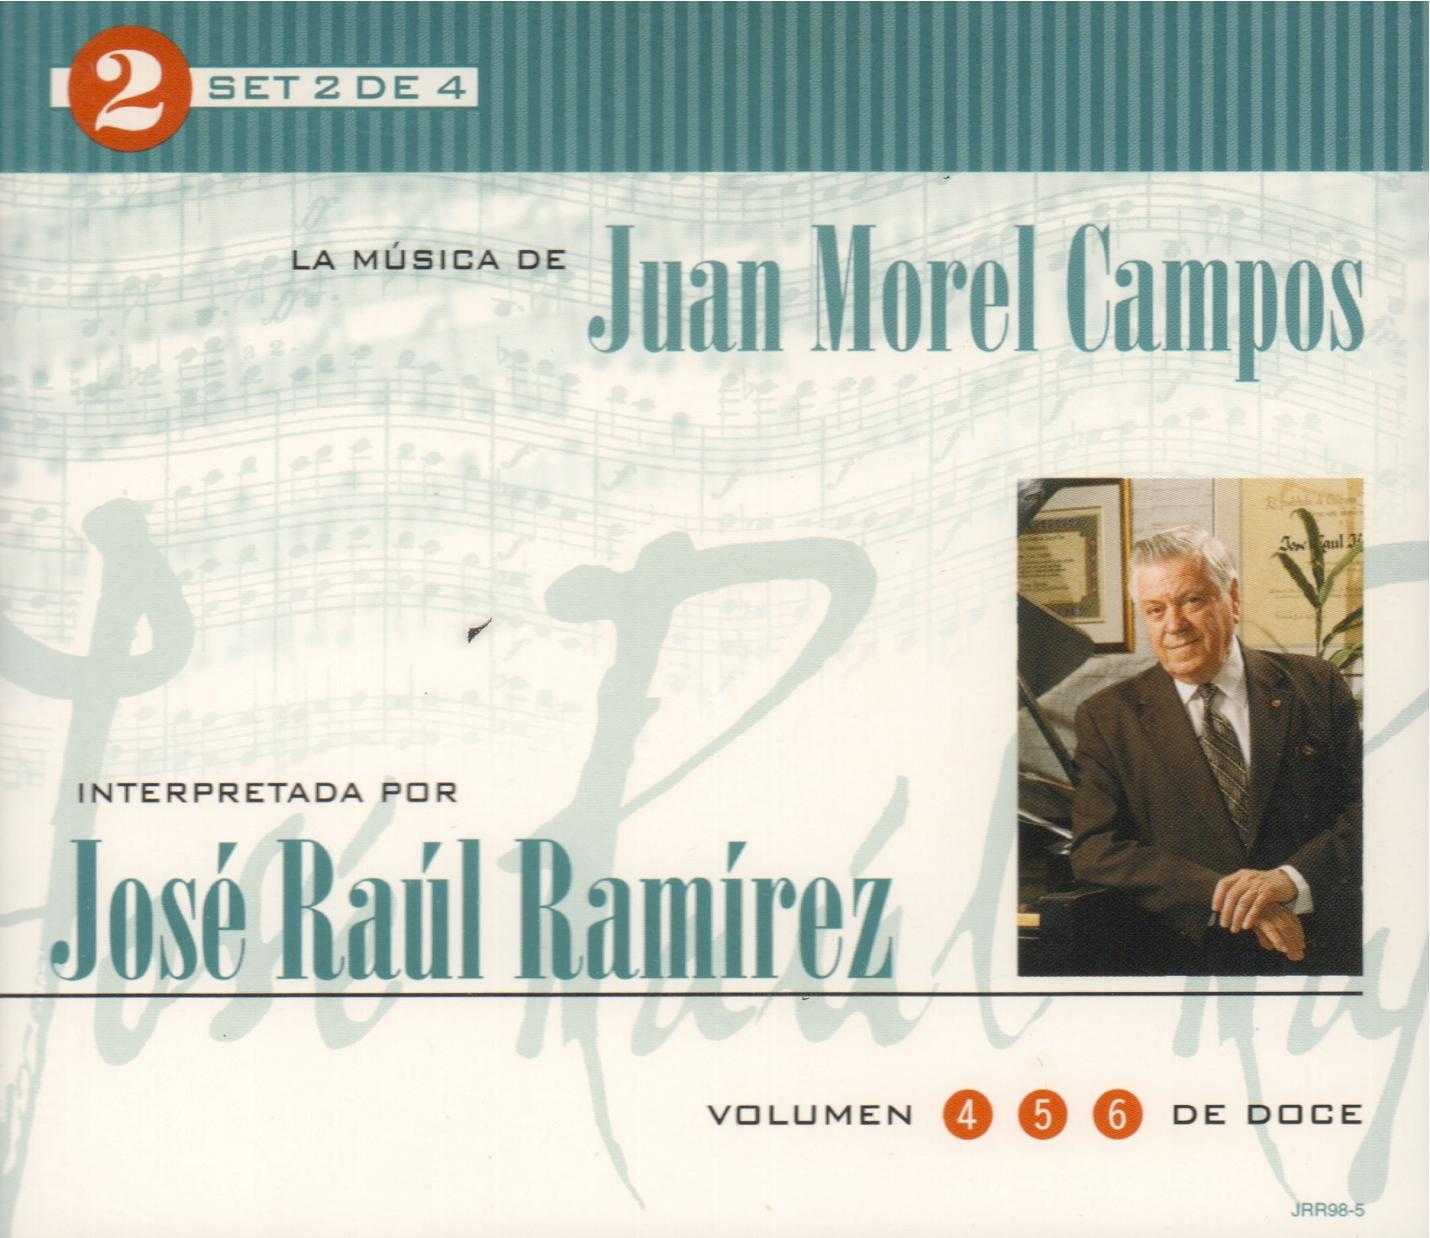 Set 2 de 4: La Música de Juan Morel Campos interpretada por José Raúl Ramírez